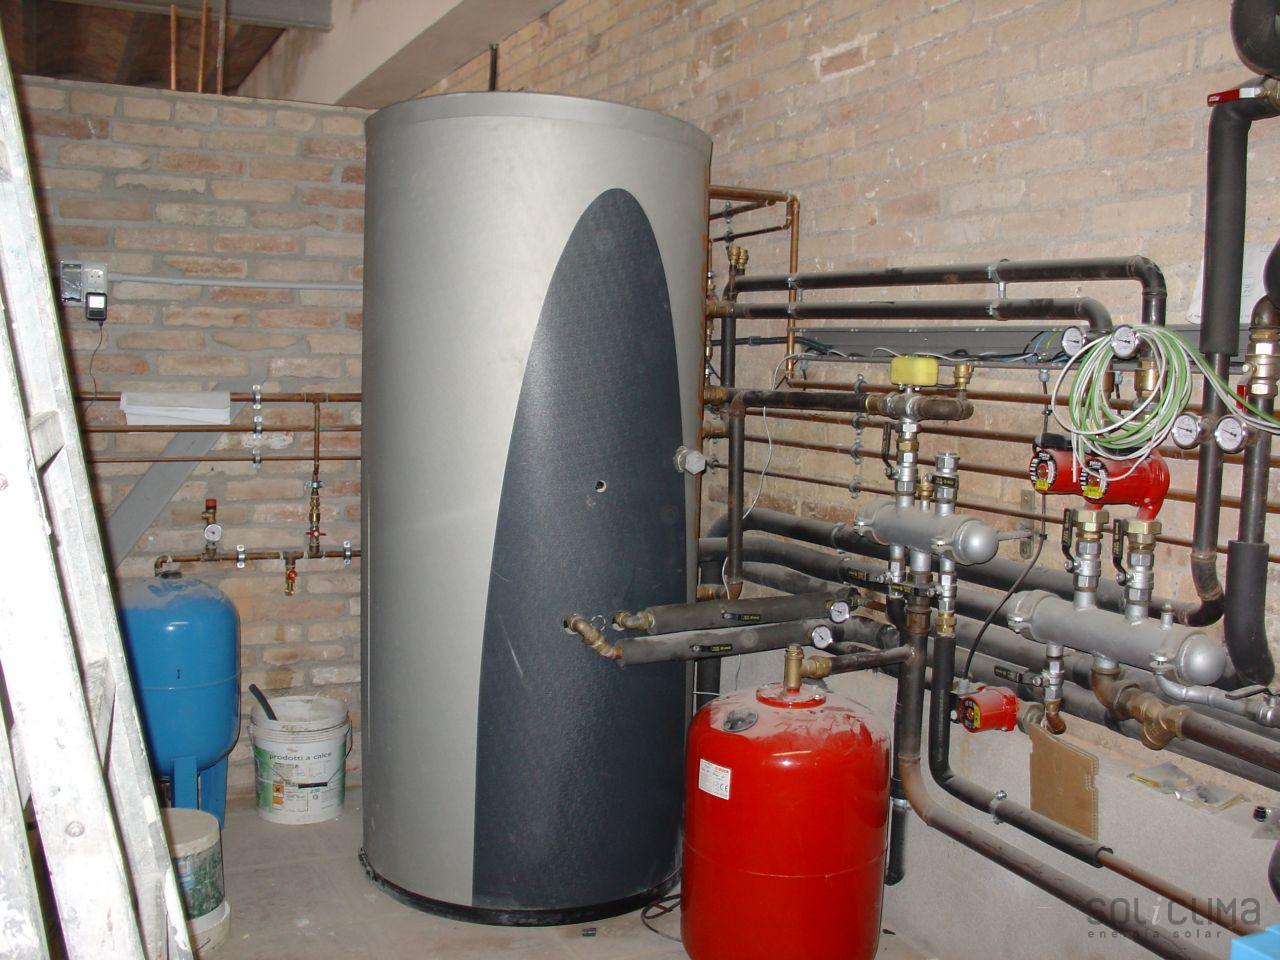 Calefaccion solar murcia for Calderas para calefaccion